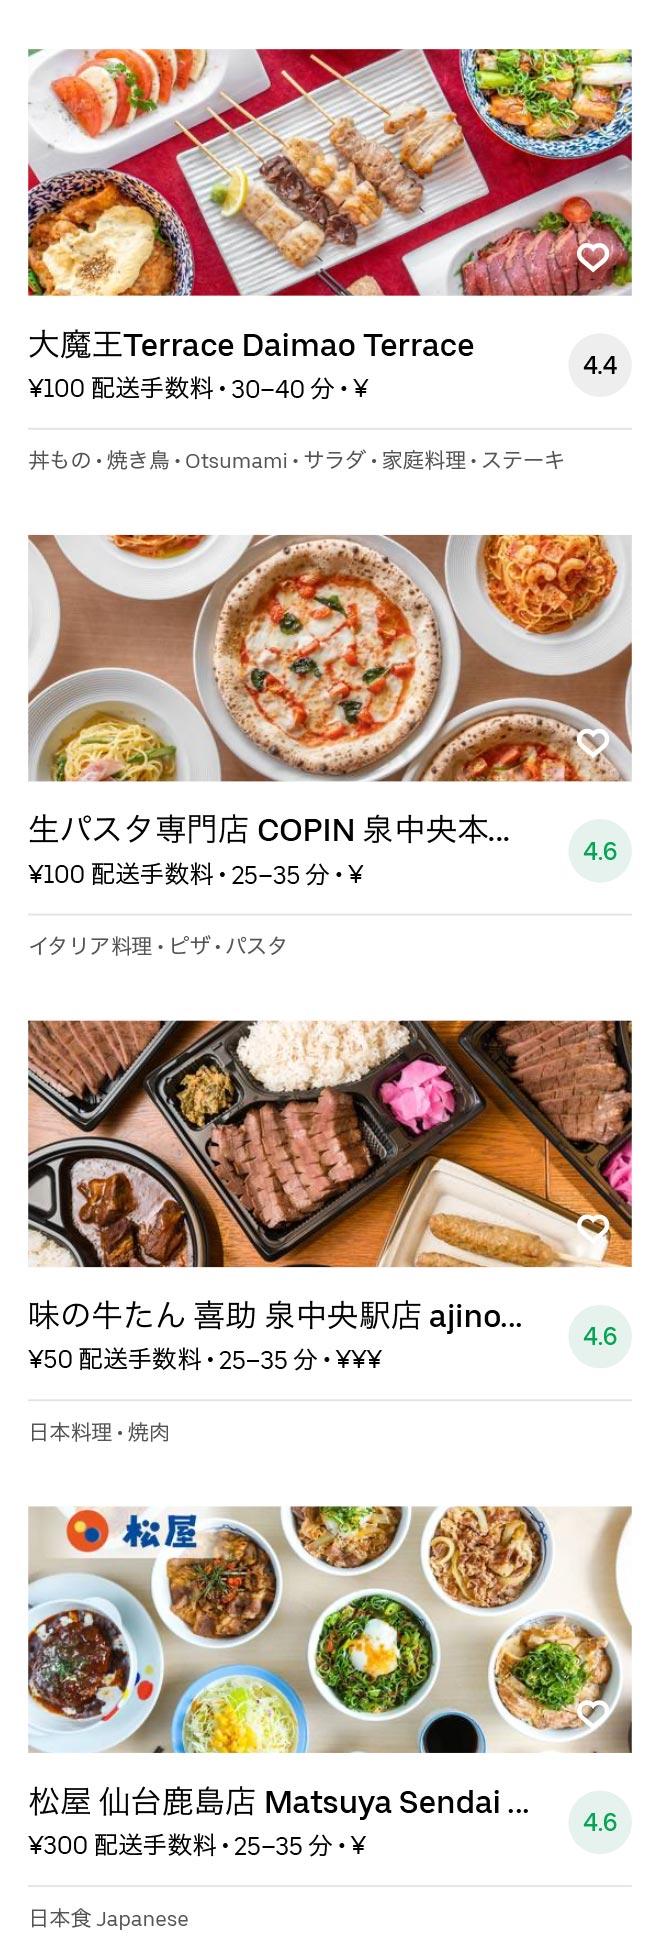 Yaotome menu 2008 07